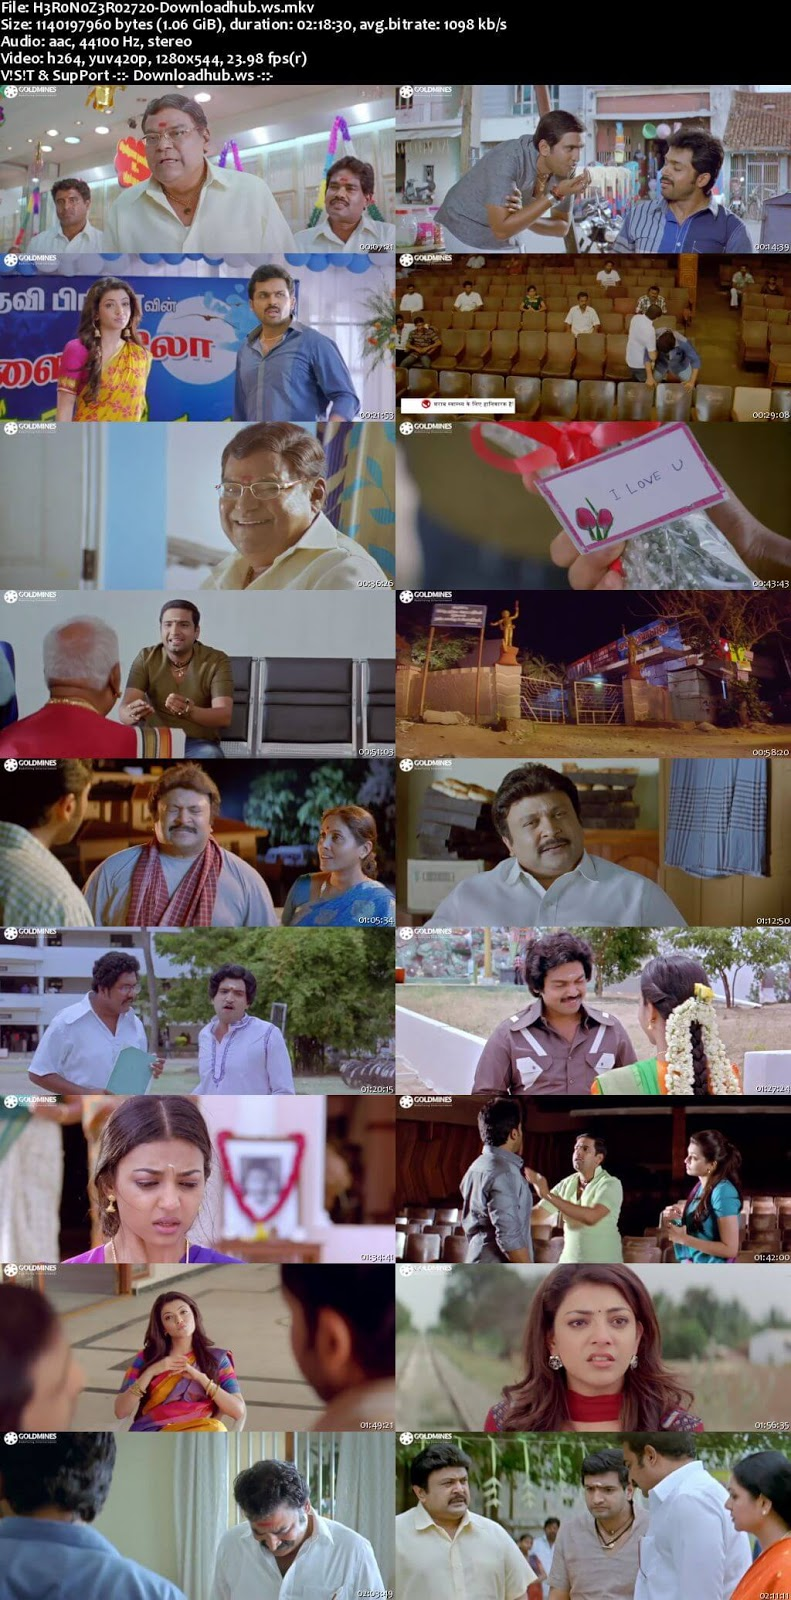 Hero No Zero 2 2018 Hindi Dubbed 720p HDRip